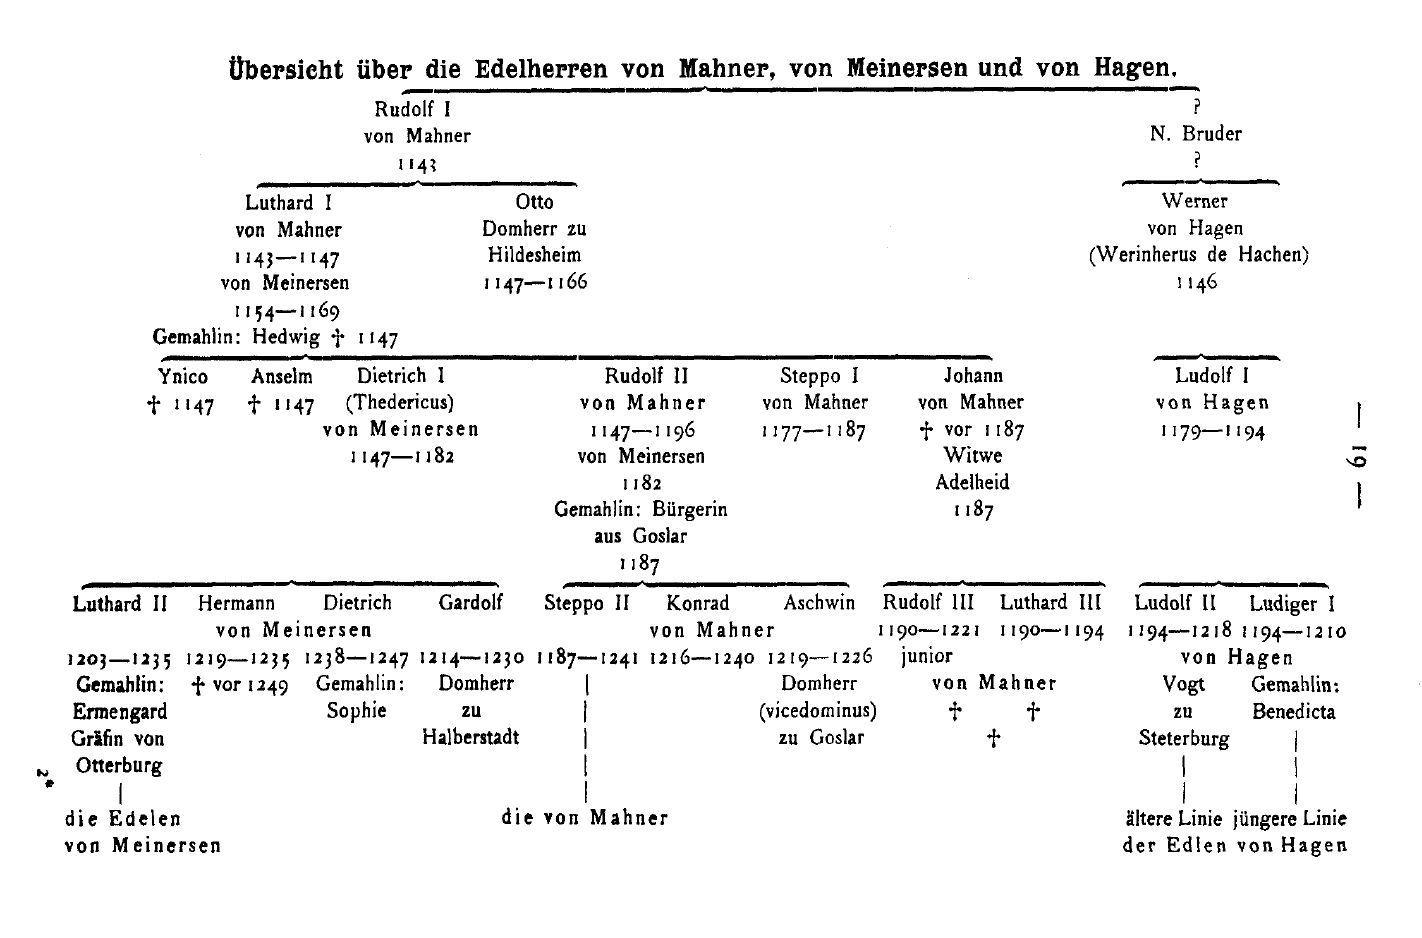 Stammbaum-Gunzelin-von-Hagen